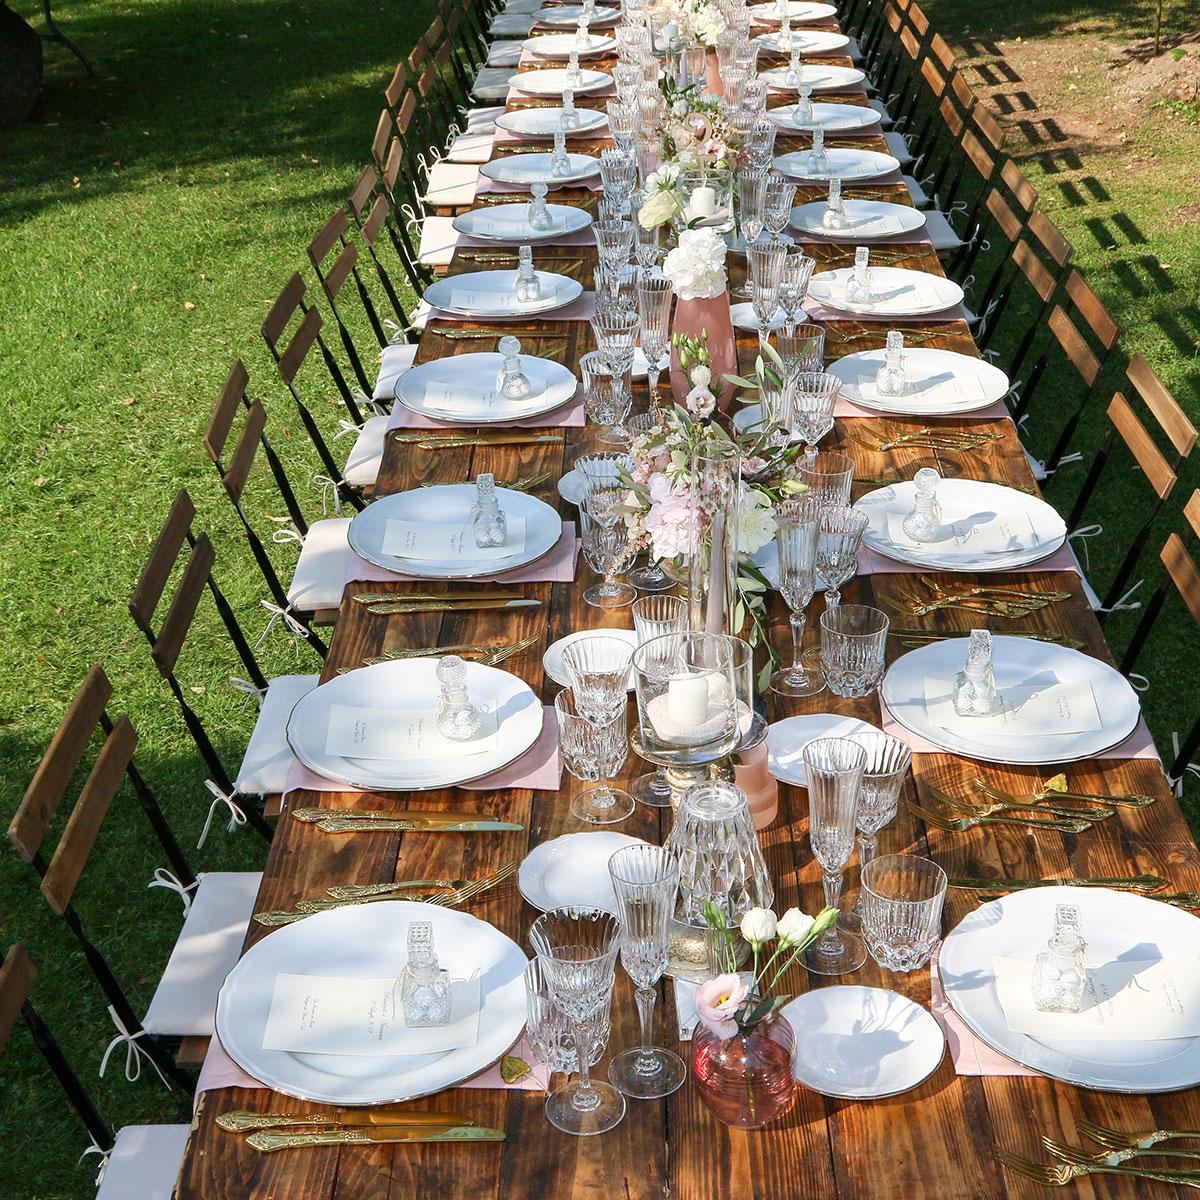 Matrimoni tavolo con fiori | Negriricevimenti.com